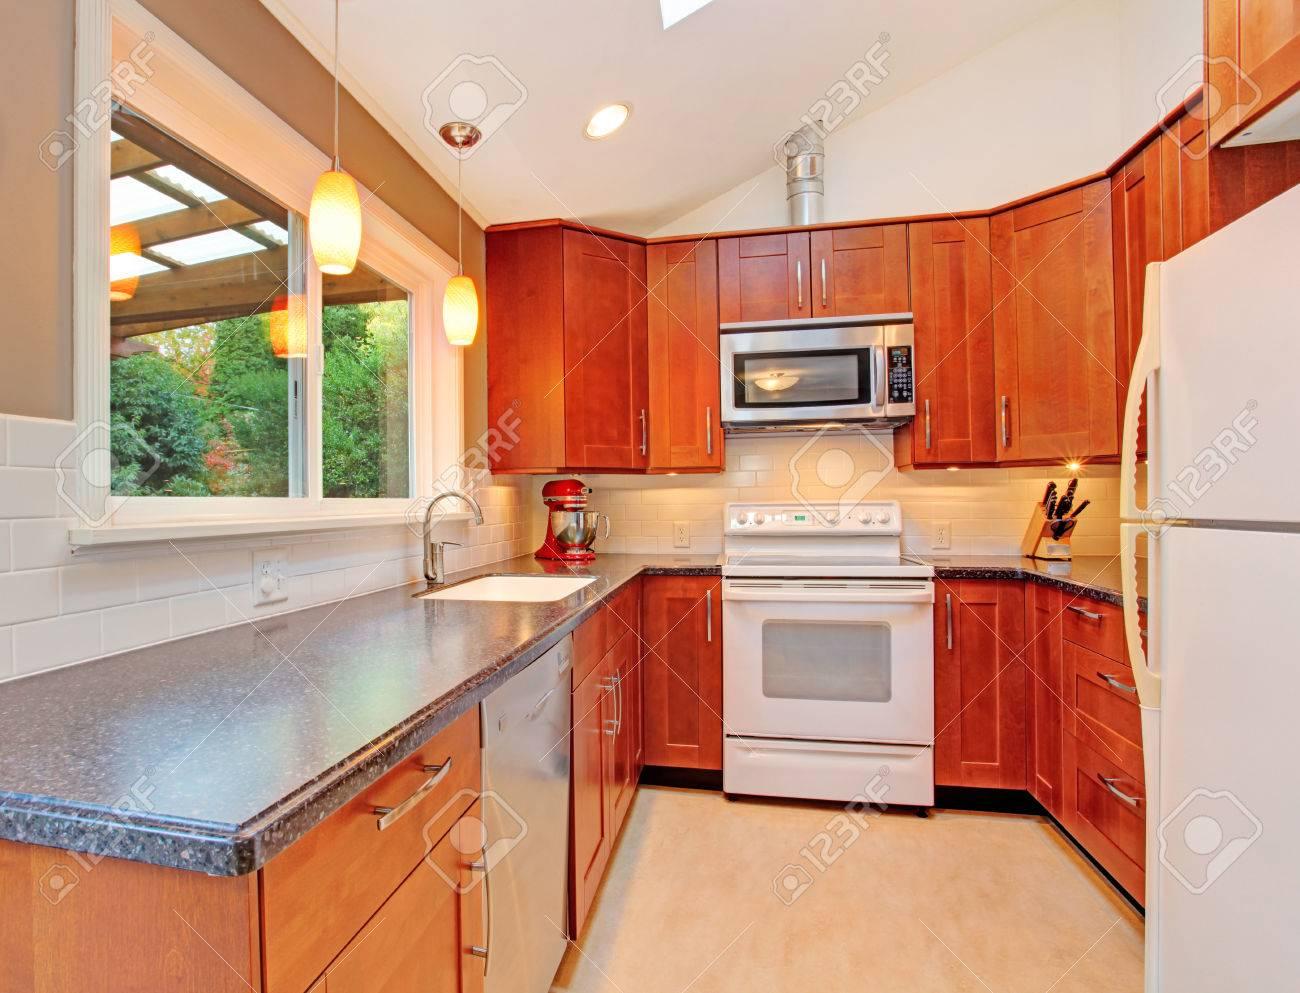 Helle Küche Raum Mit Gewölbter Decke Und Dachfenster. Erfrischende ...